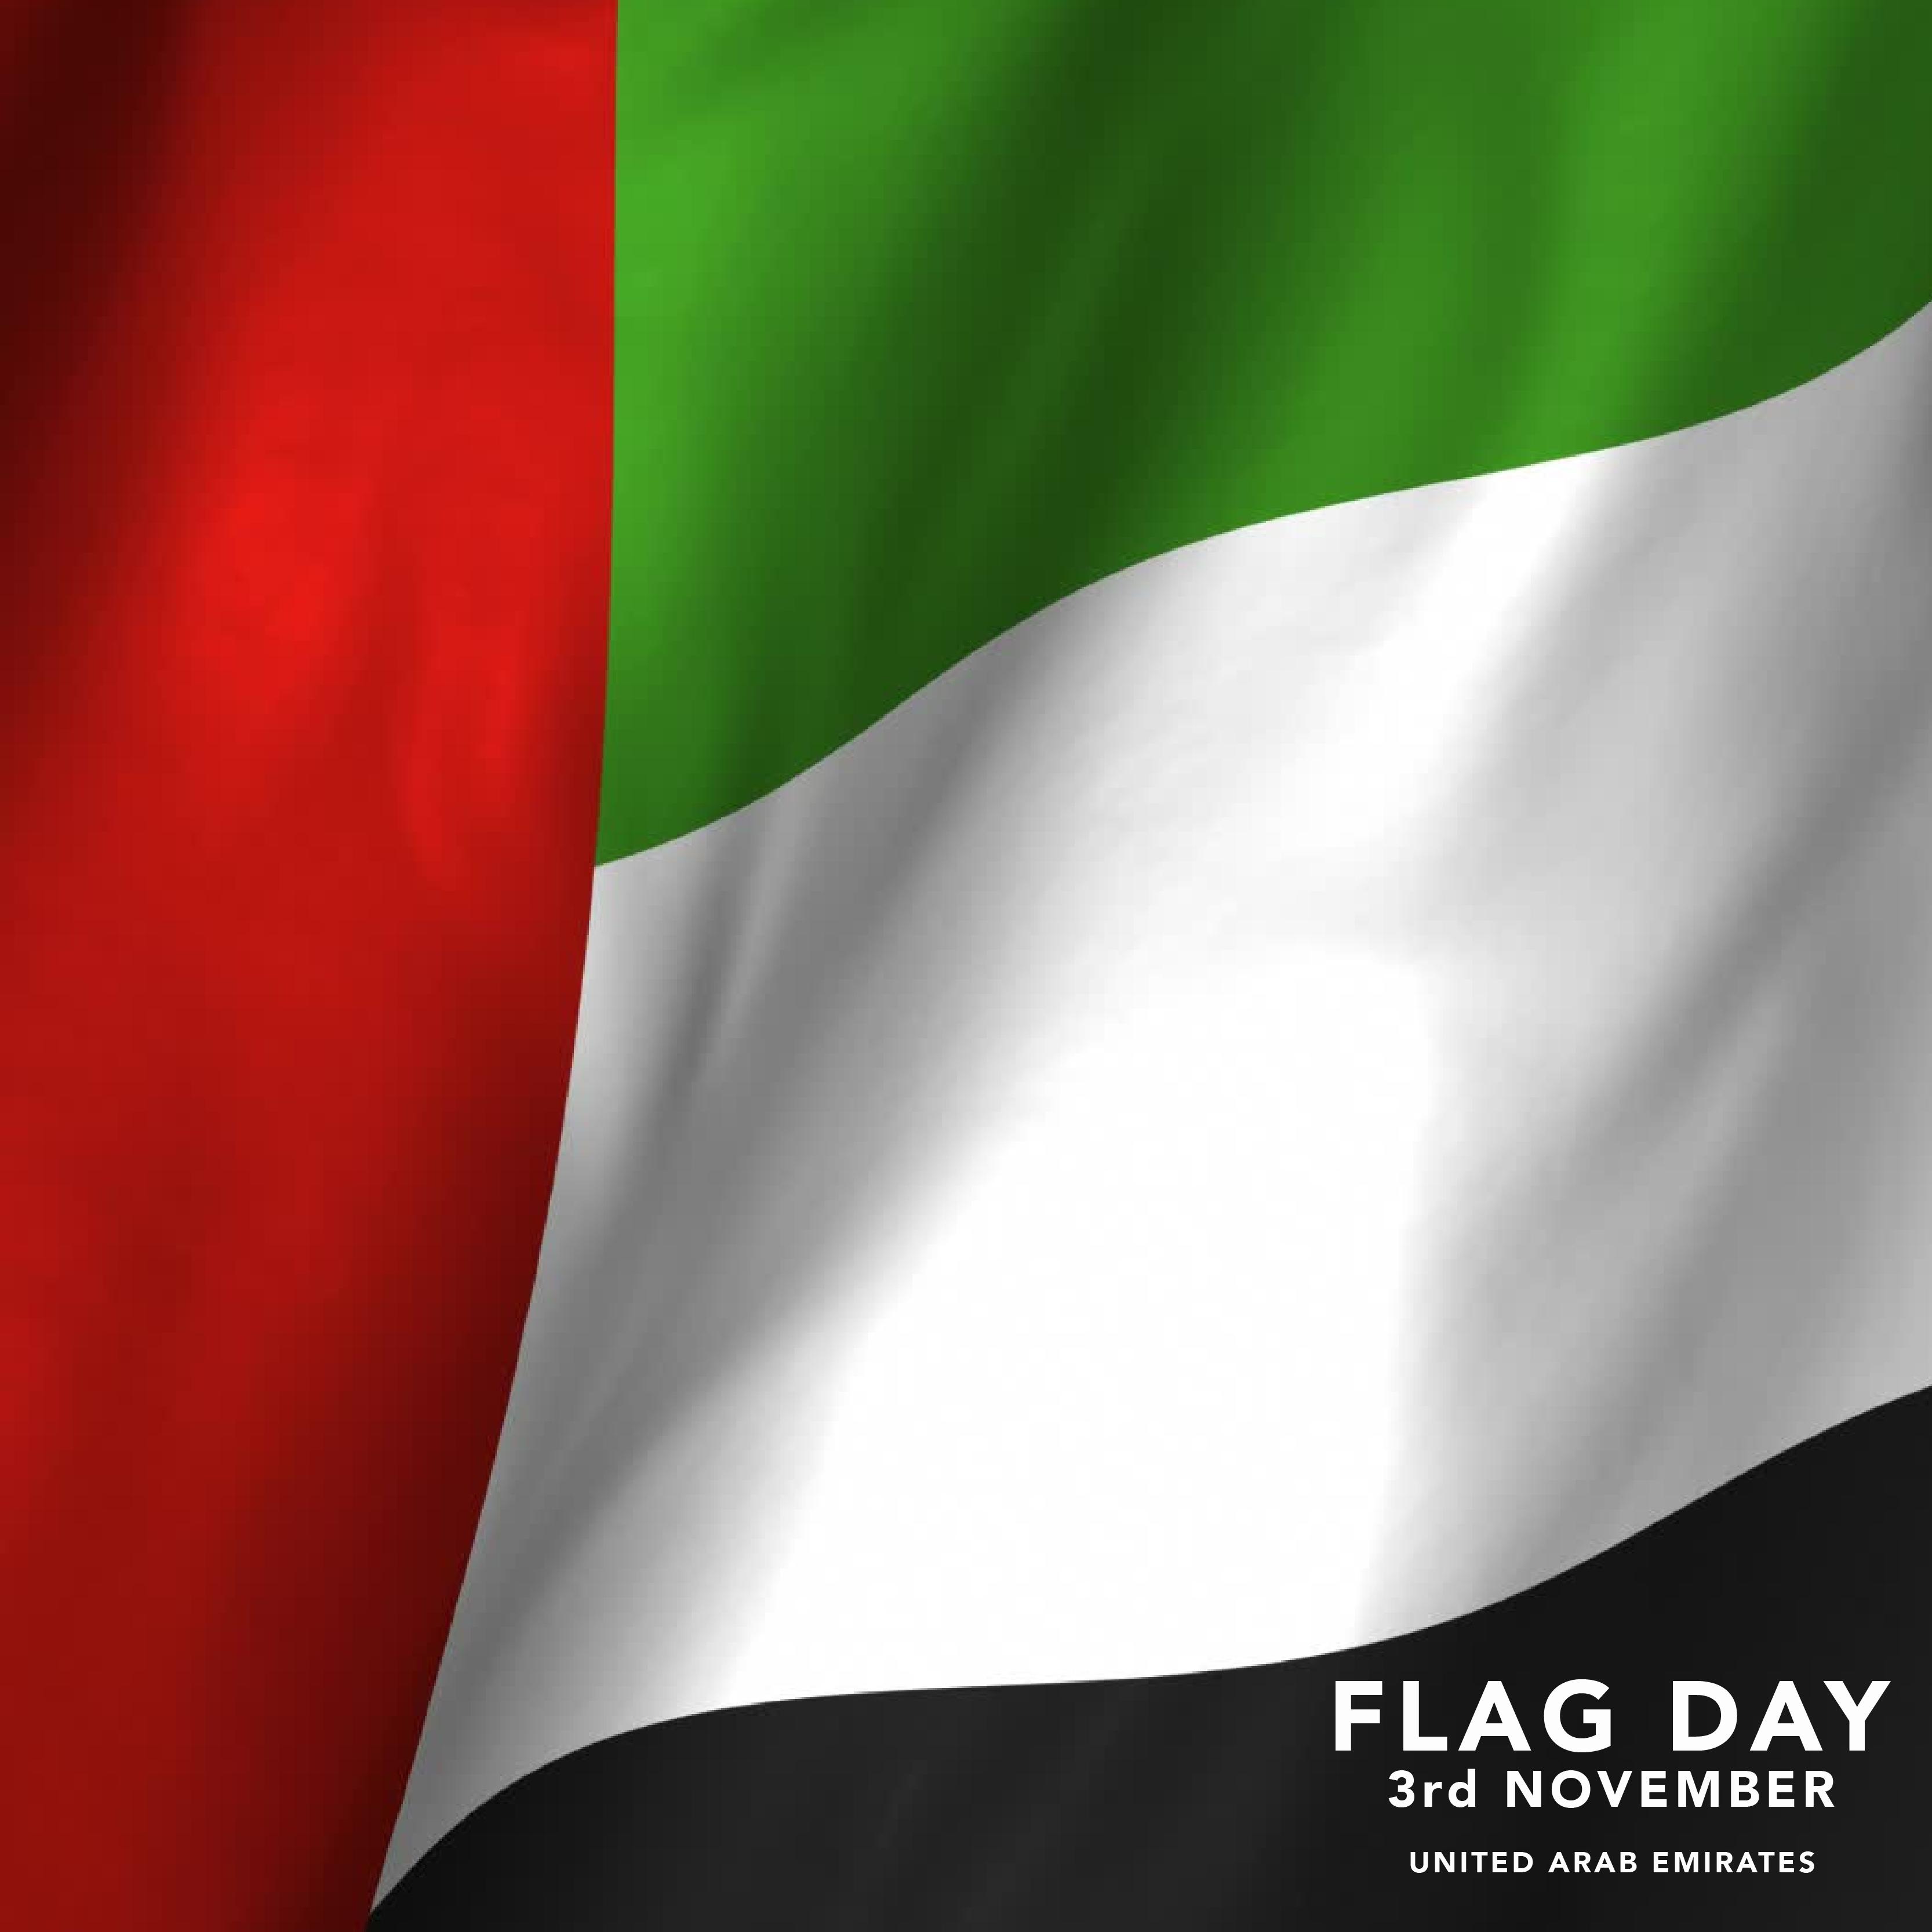 إرفعه عاليا ليبقى شامخا اللهم إحفظ دولة الإمارات العربية المتحدة Today Emiratis Across The Uae Sing The Country S National Anthem And Hoist The Flag At